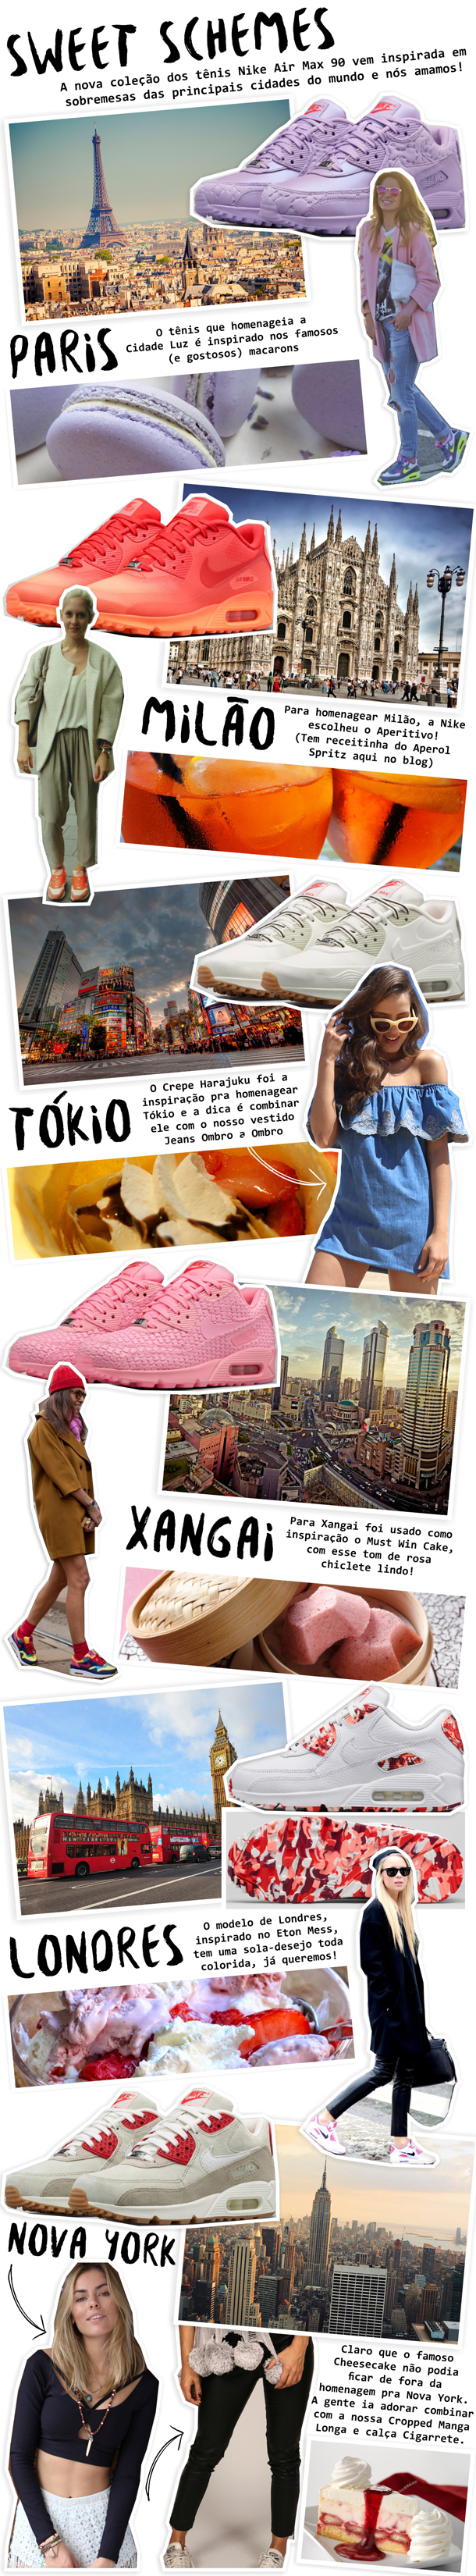 mundo-lolita-nike-tenis-coleção-novidades